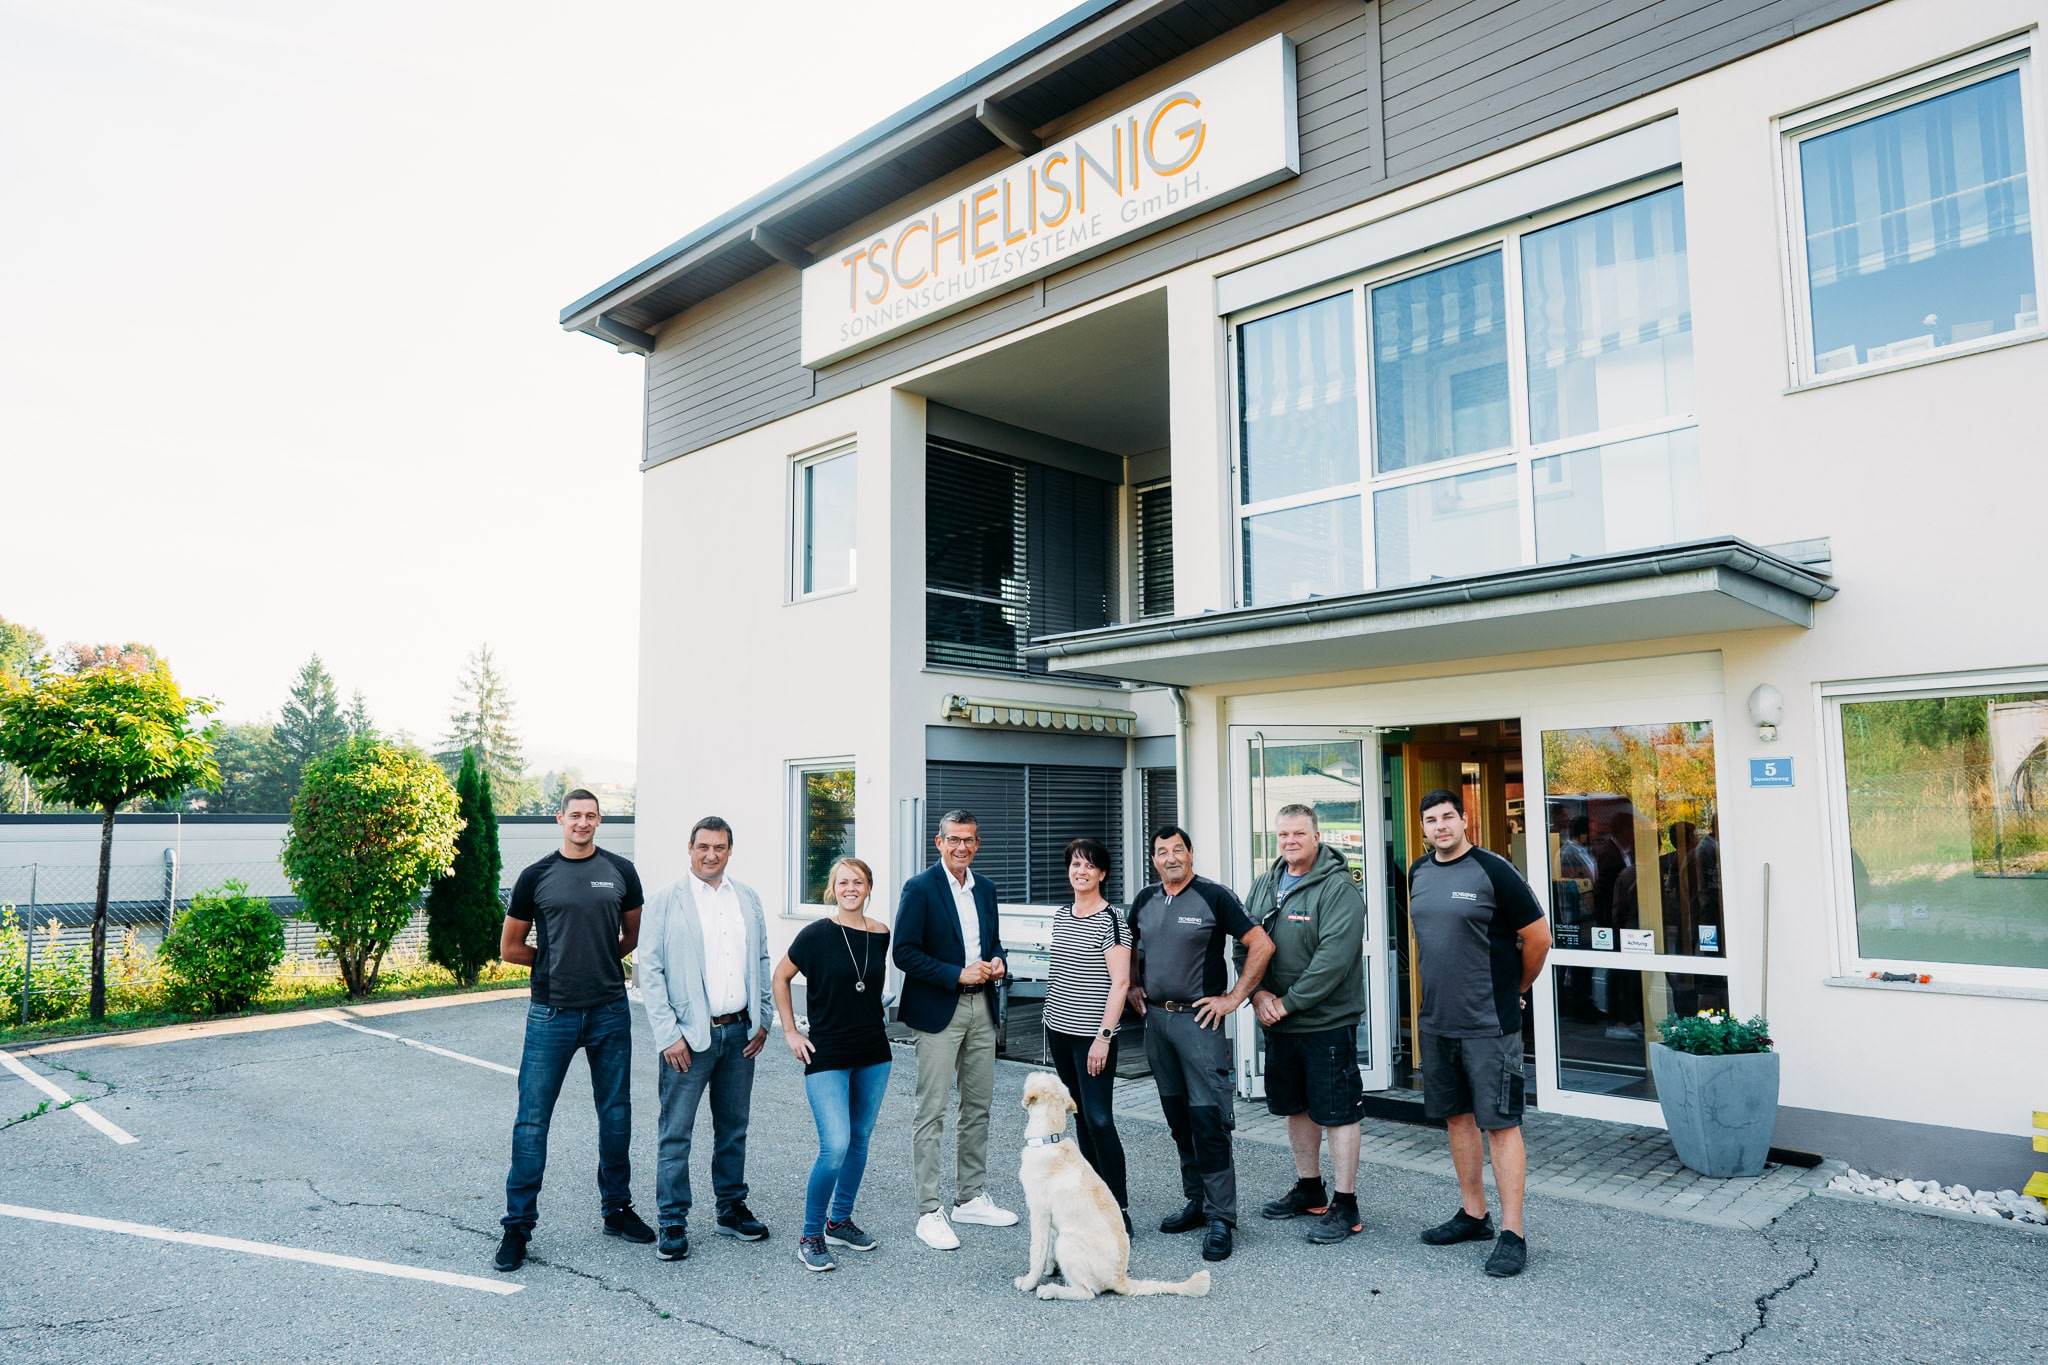 Tschelisnig Sonnenschutzsysteme GmbH Team